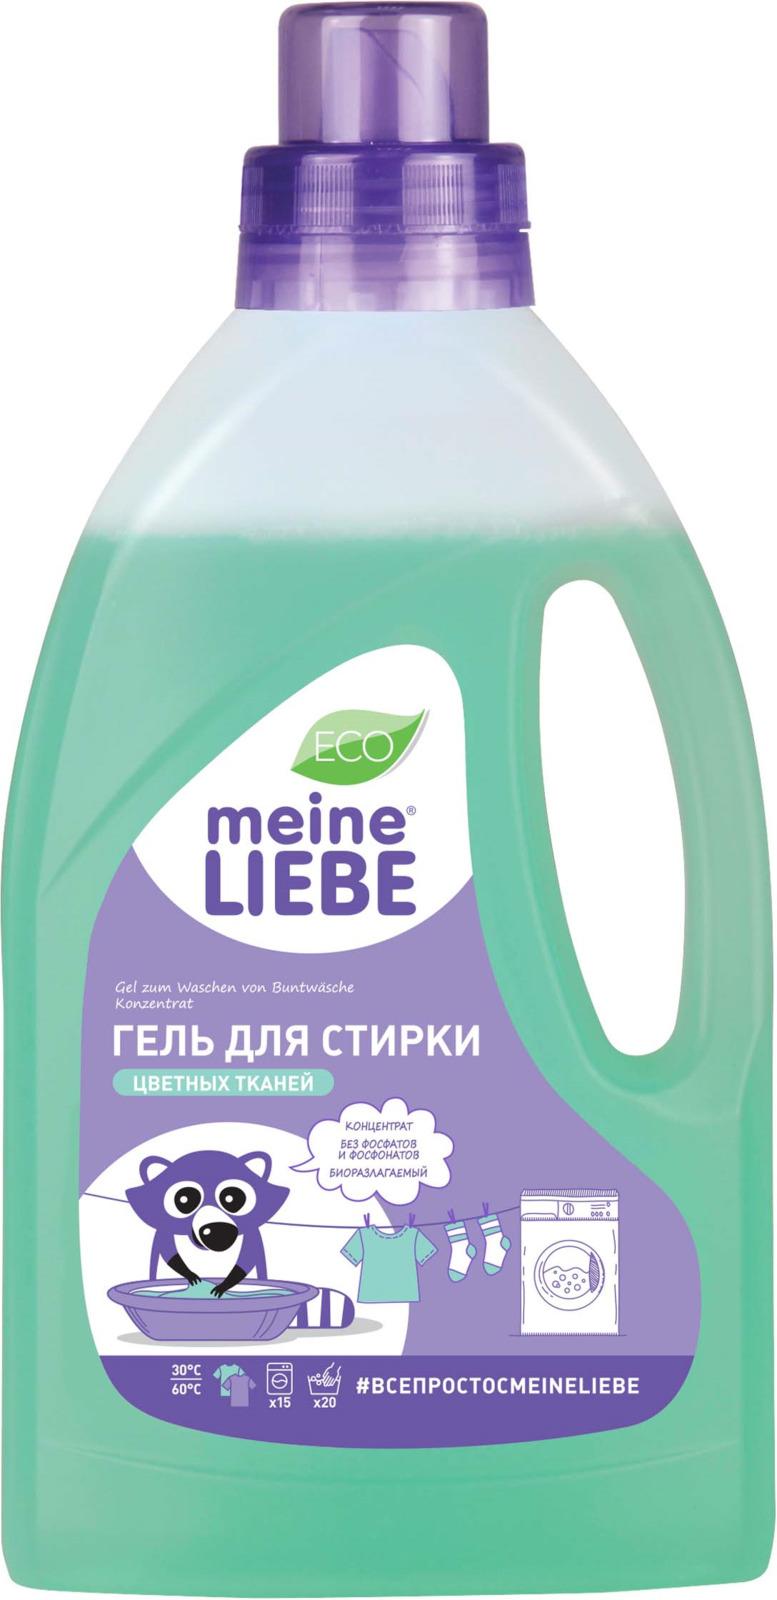 Гель для стирки цветных тканей Meine Liebe, концентрат, 800 мл гель д стирки meine liebe 800мл д шерст шелк и деликат тка